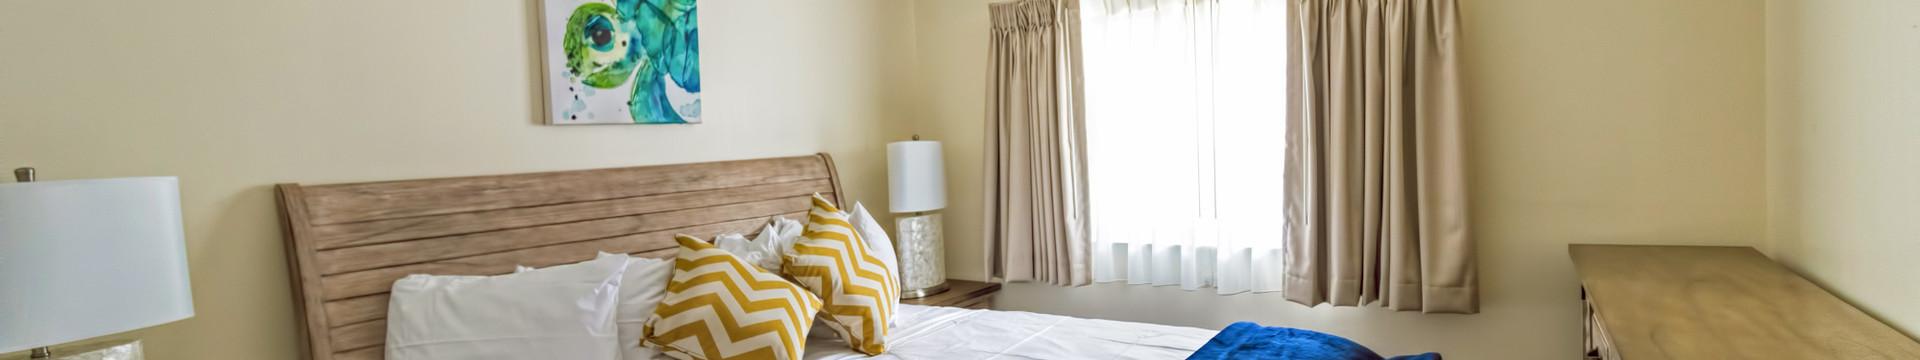 Bedroom in the Mangrove Suite - Sea View Inn